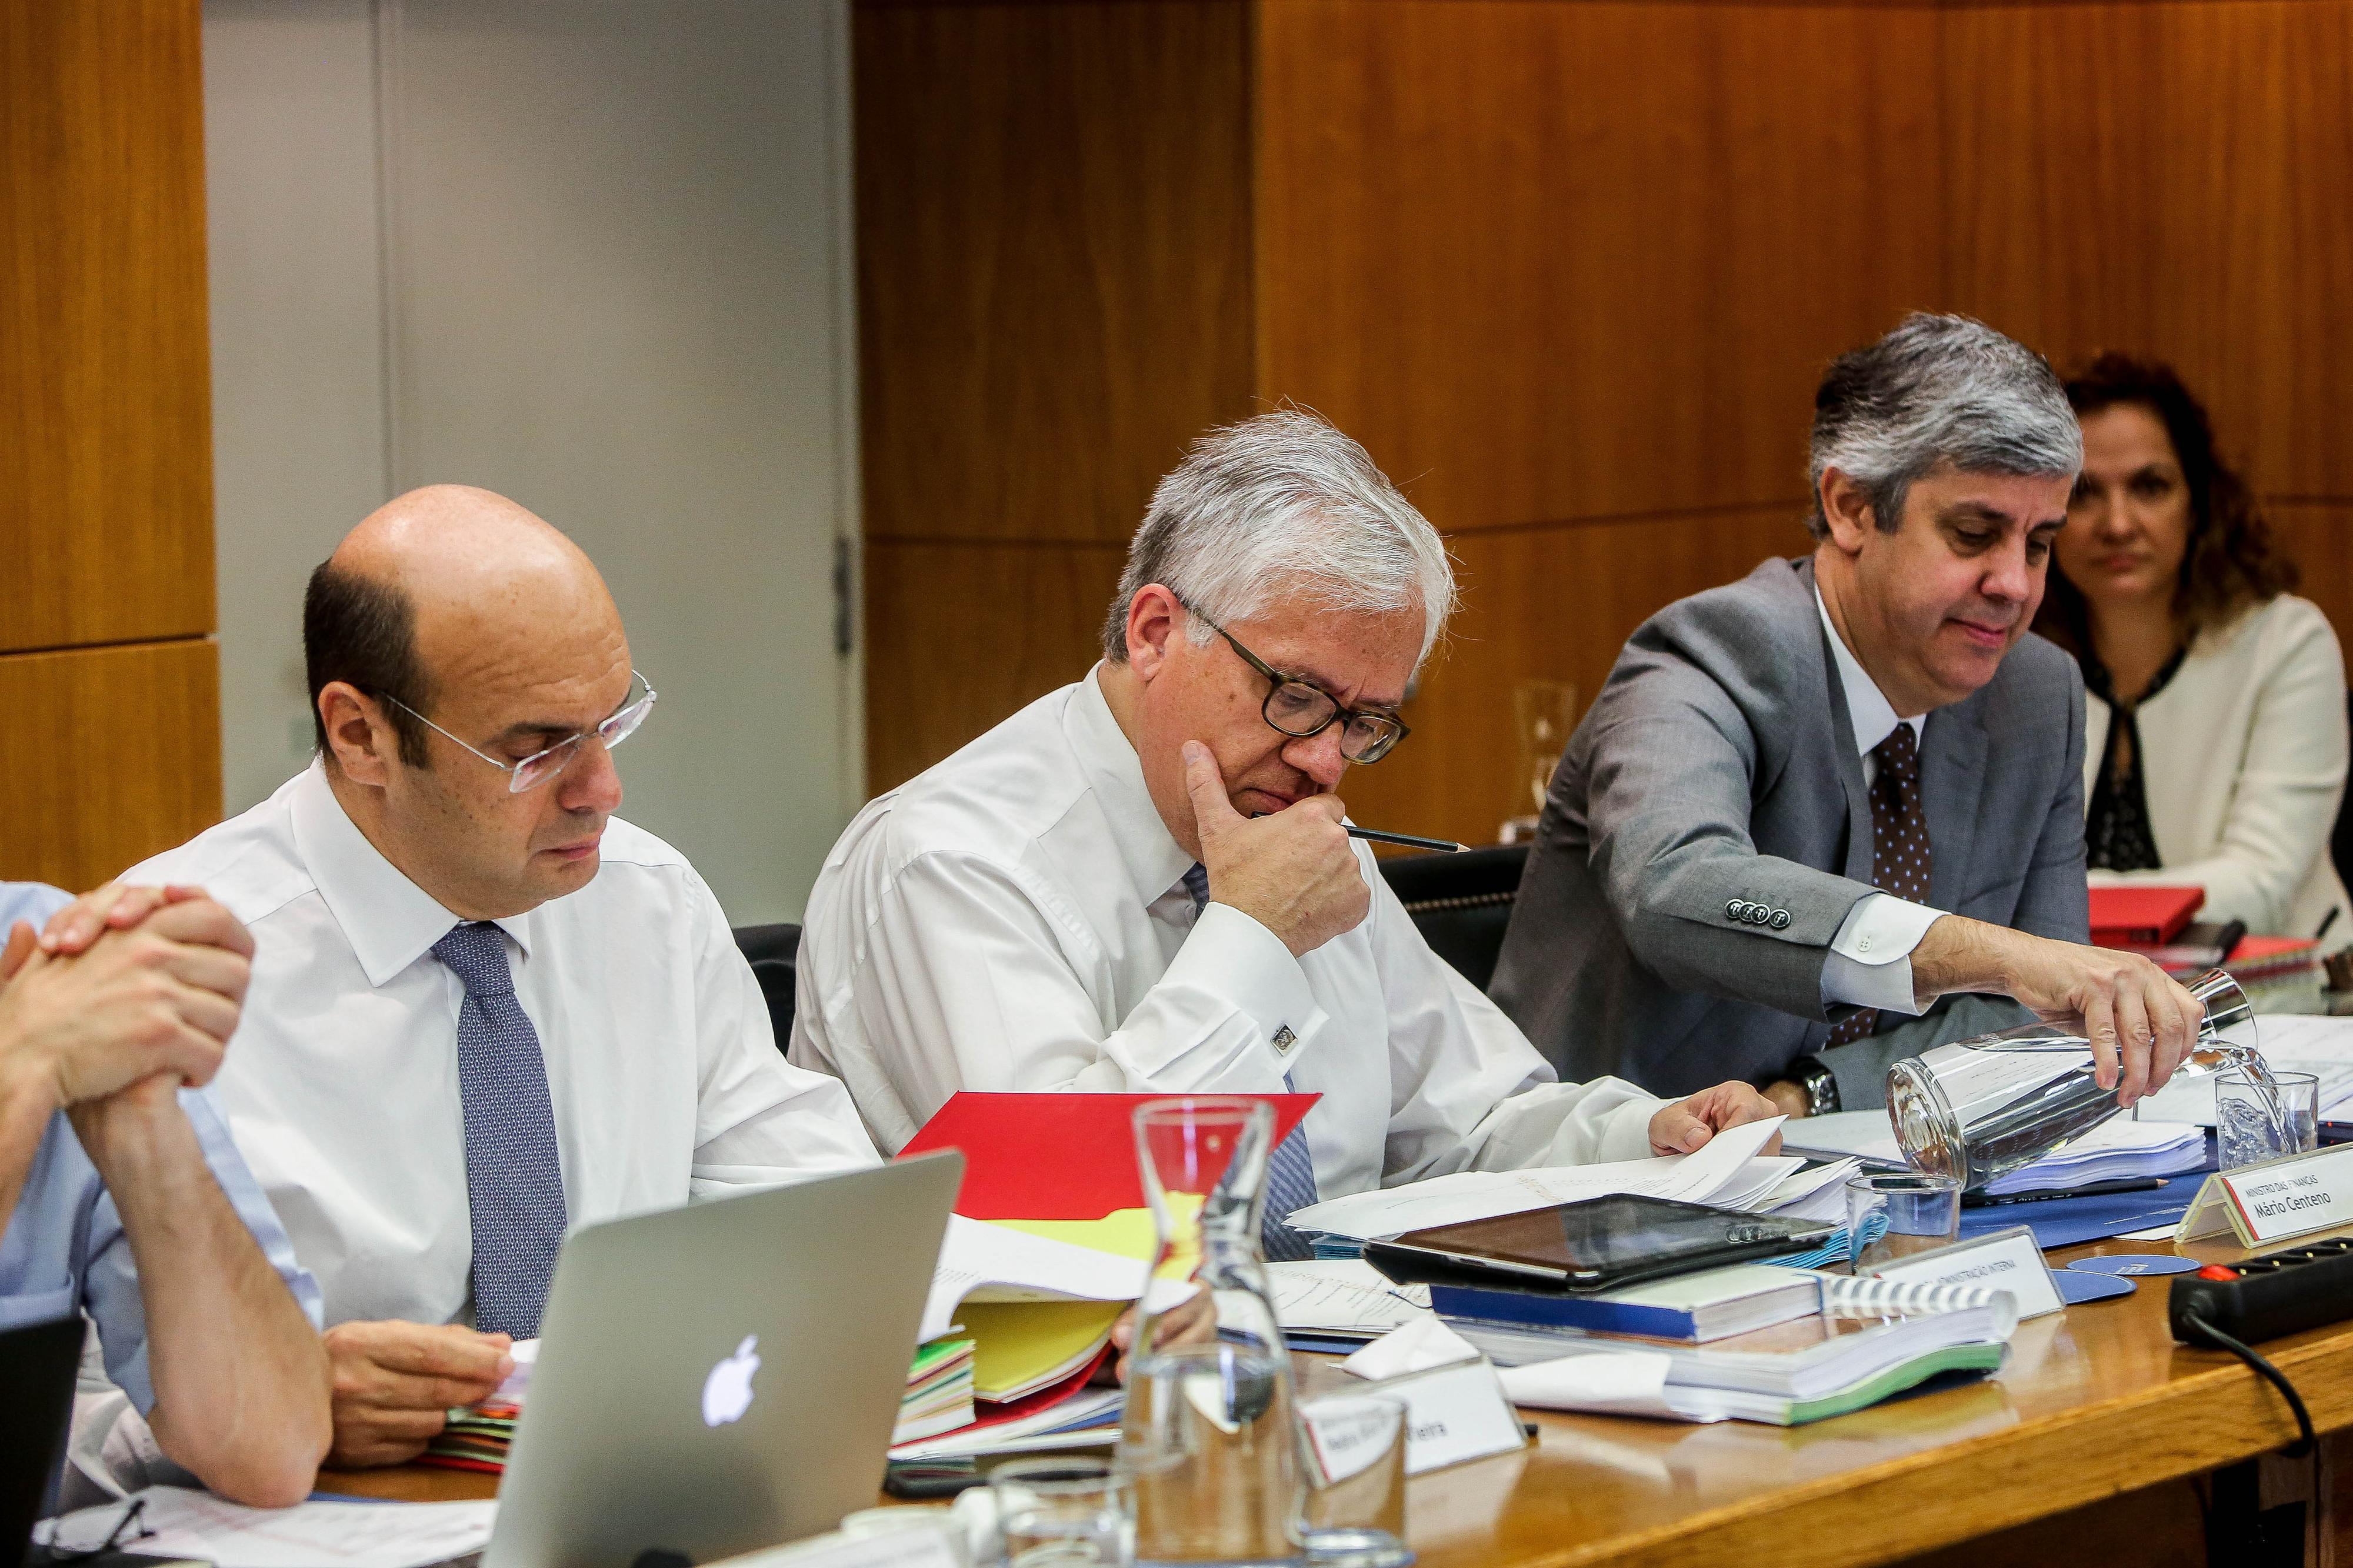 Incêndios. 400 milhões de euros para casas, empresas e setor agrícola